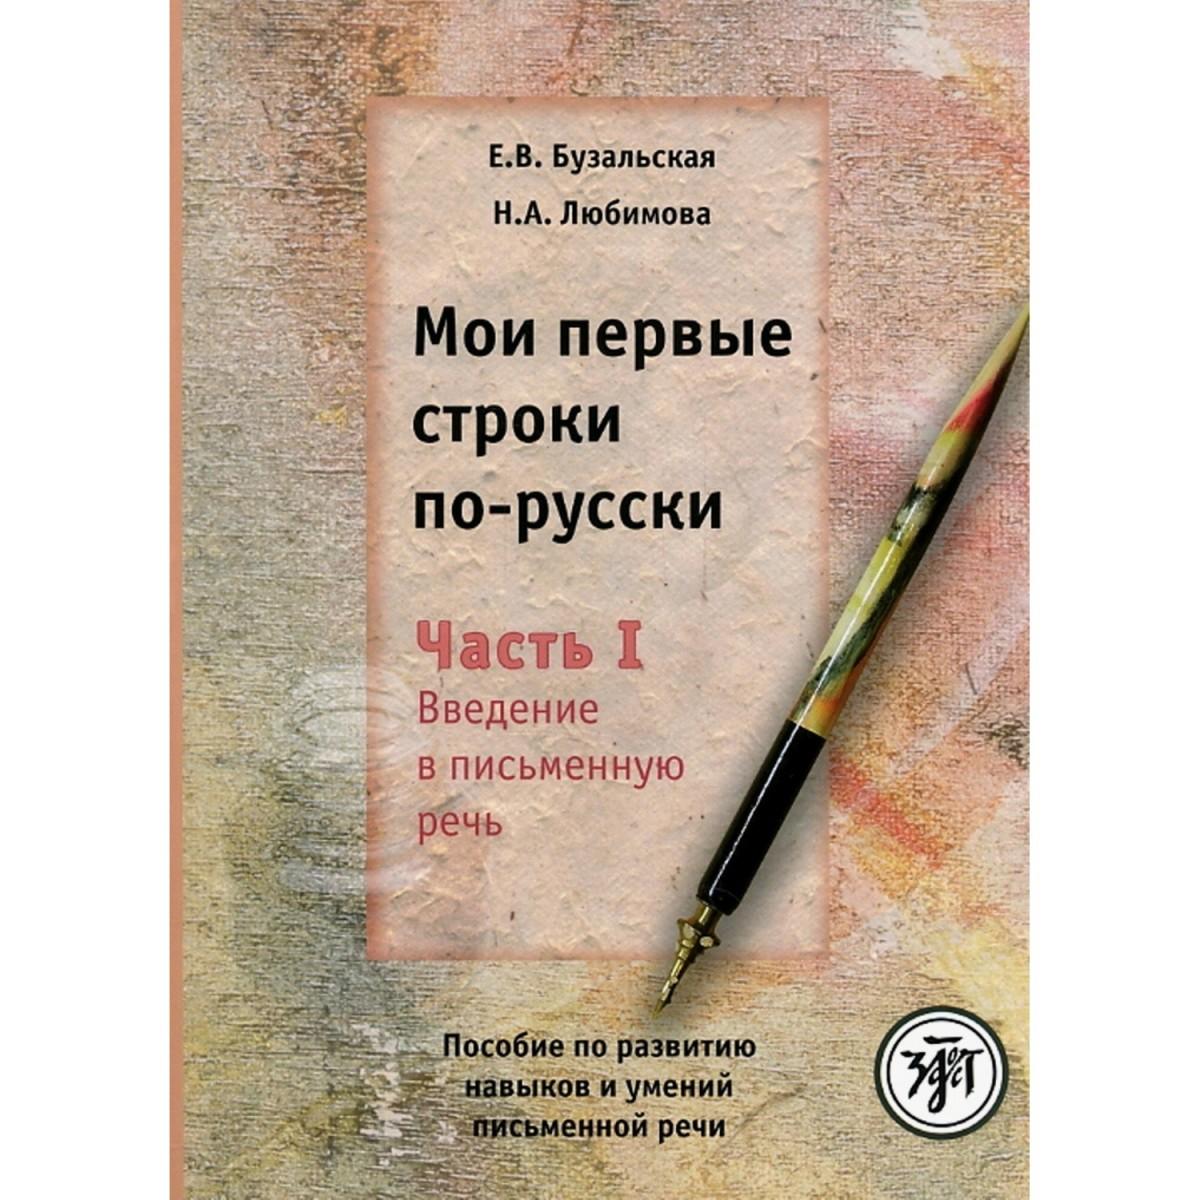 Мои первые строки по-русски. Часть 1. Е.В.Бузальская, Н.А.Любимова.